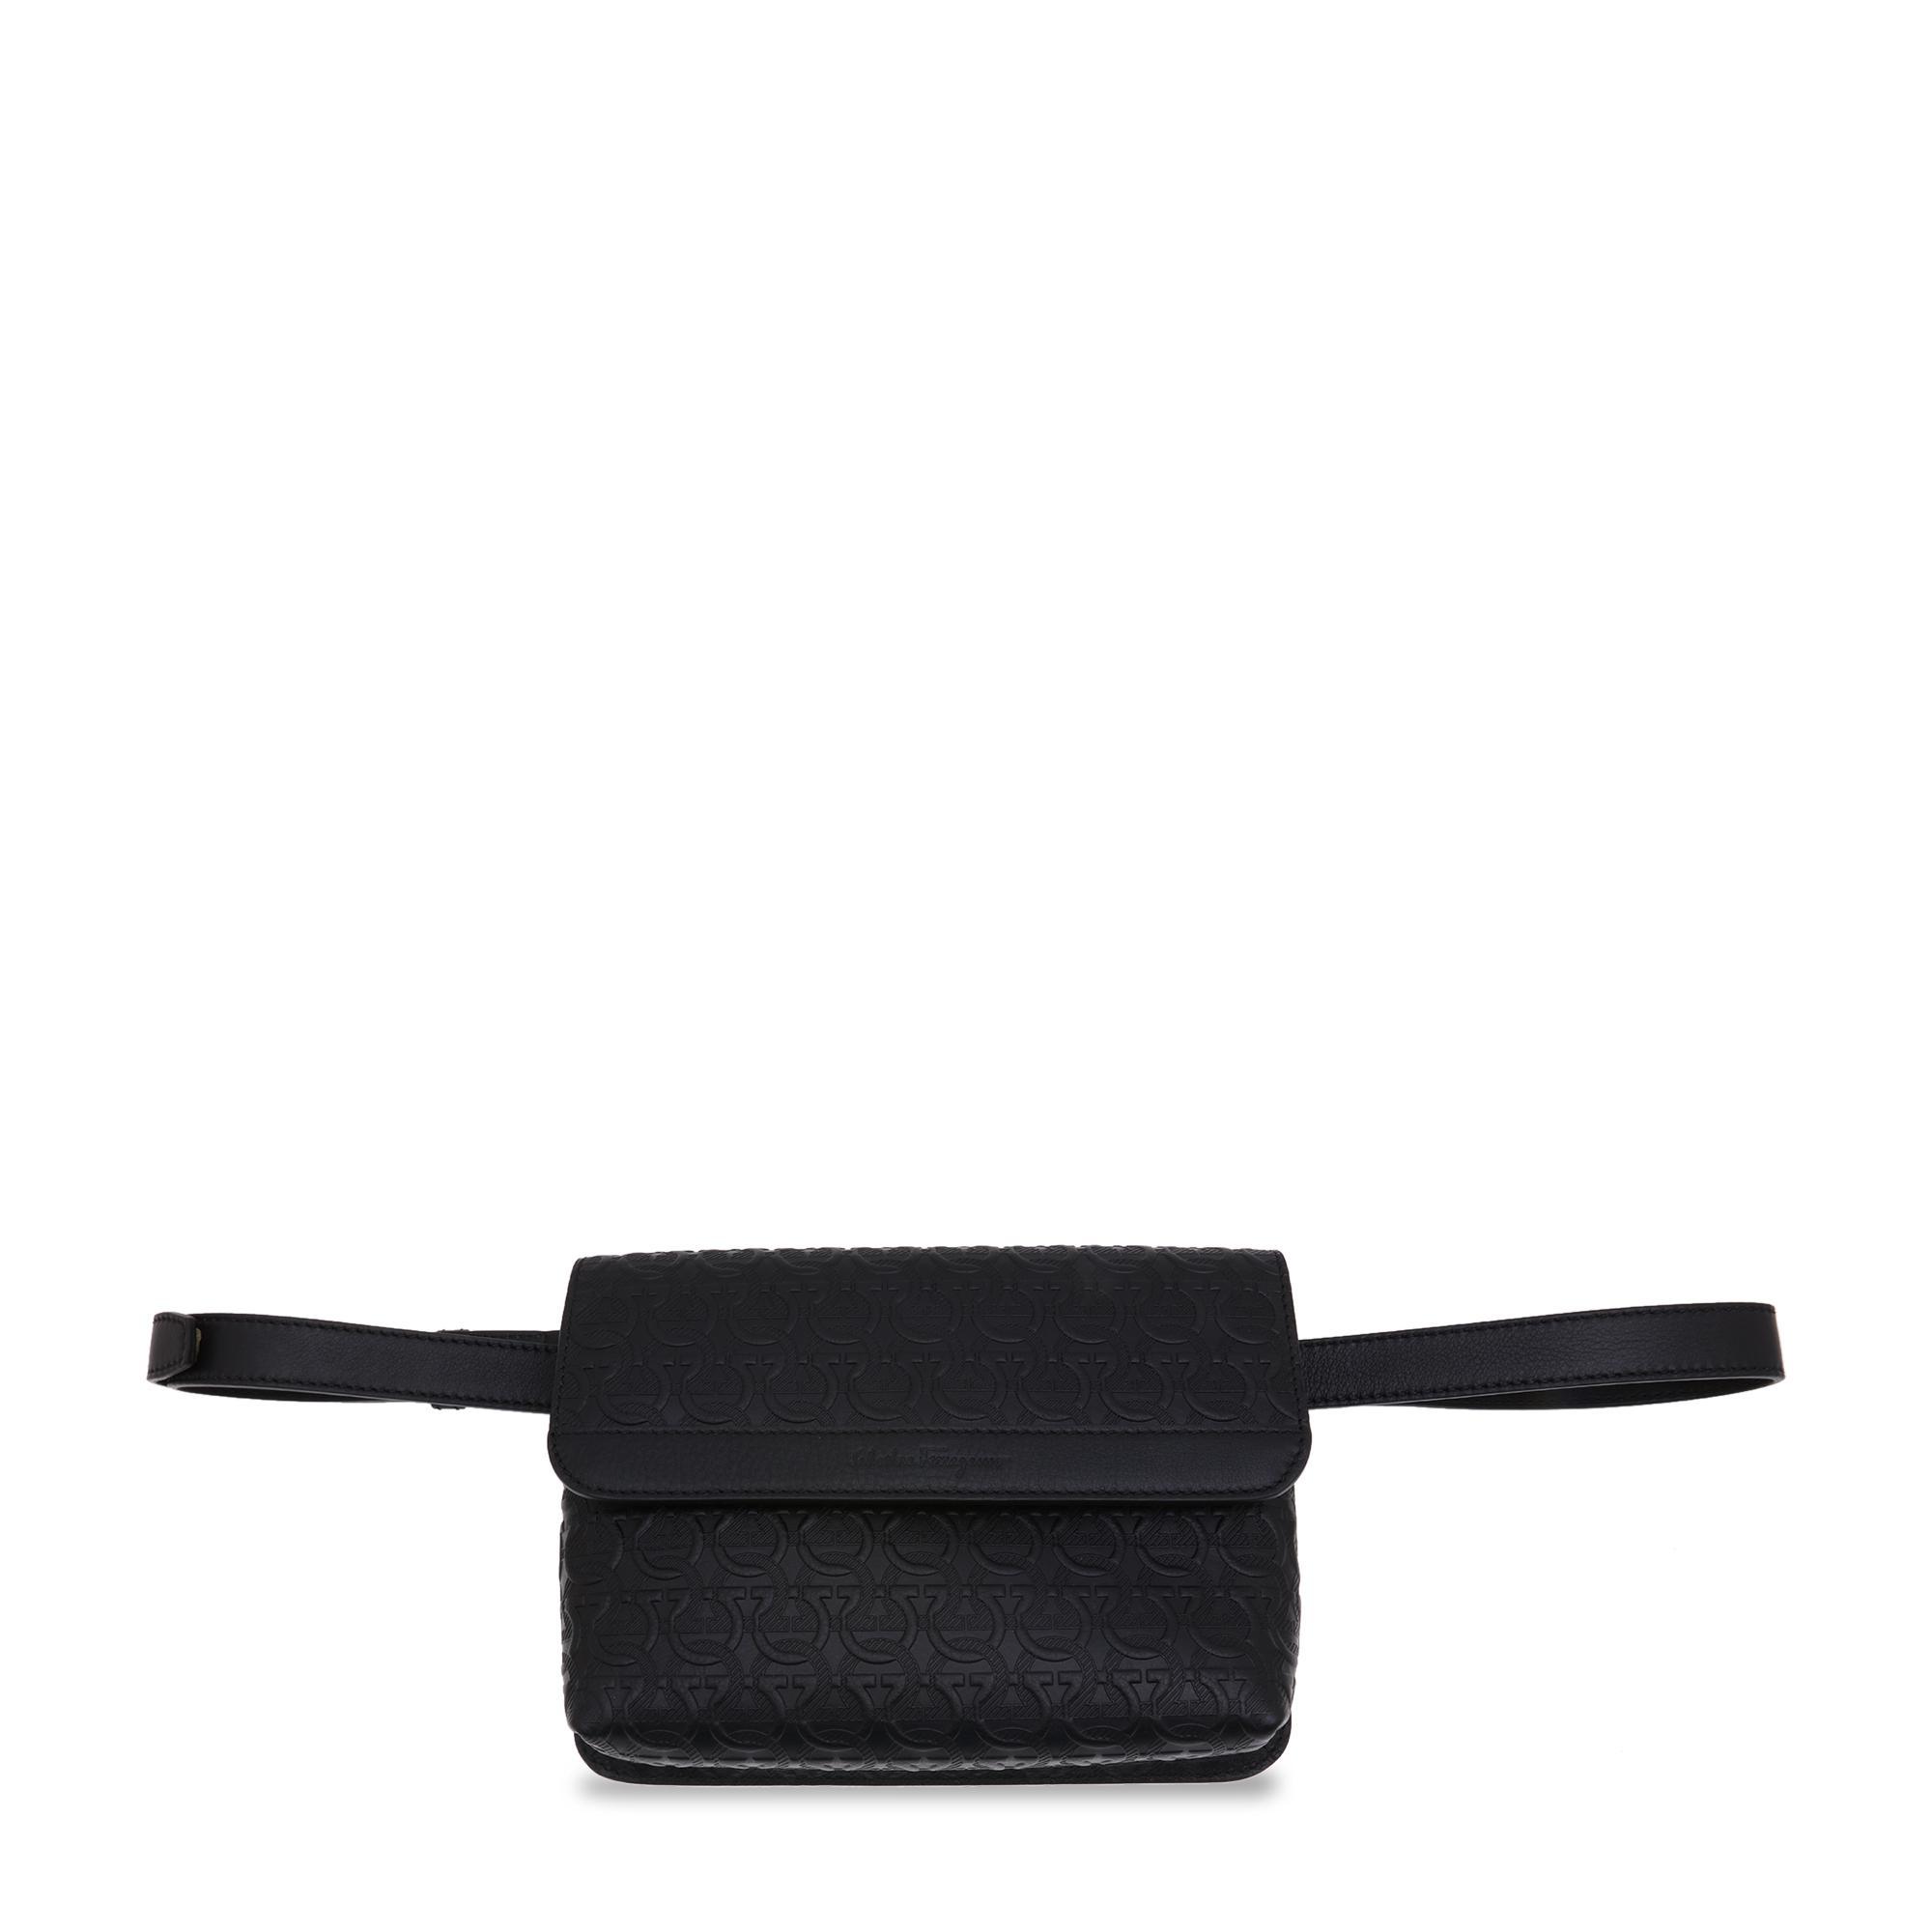 Travel belt bag